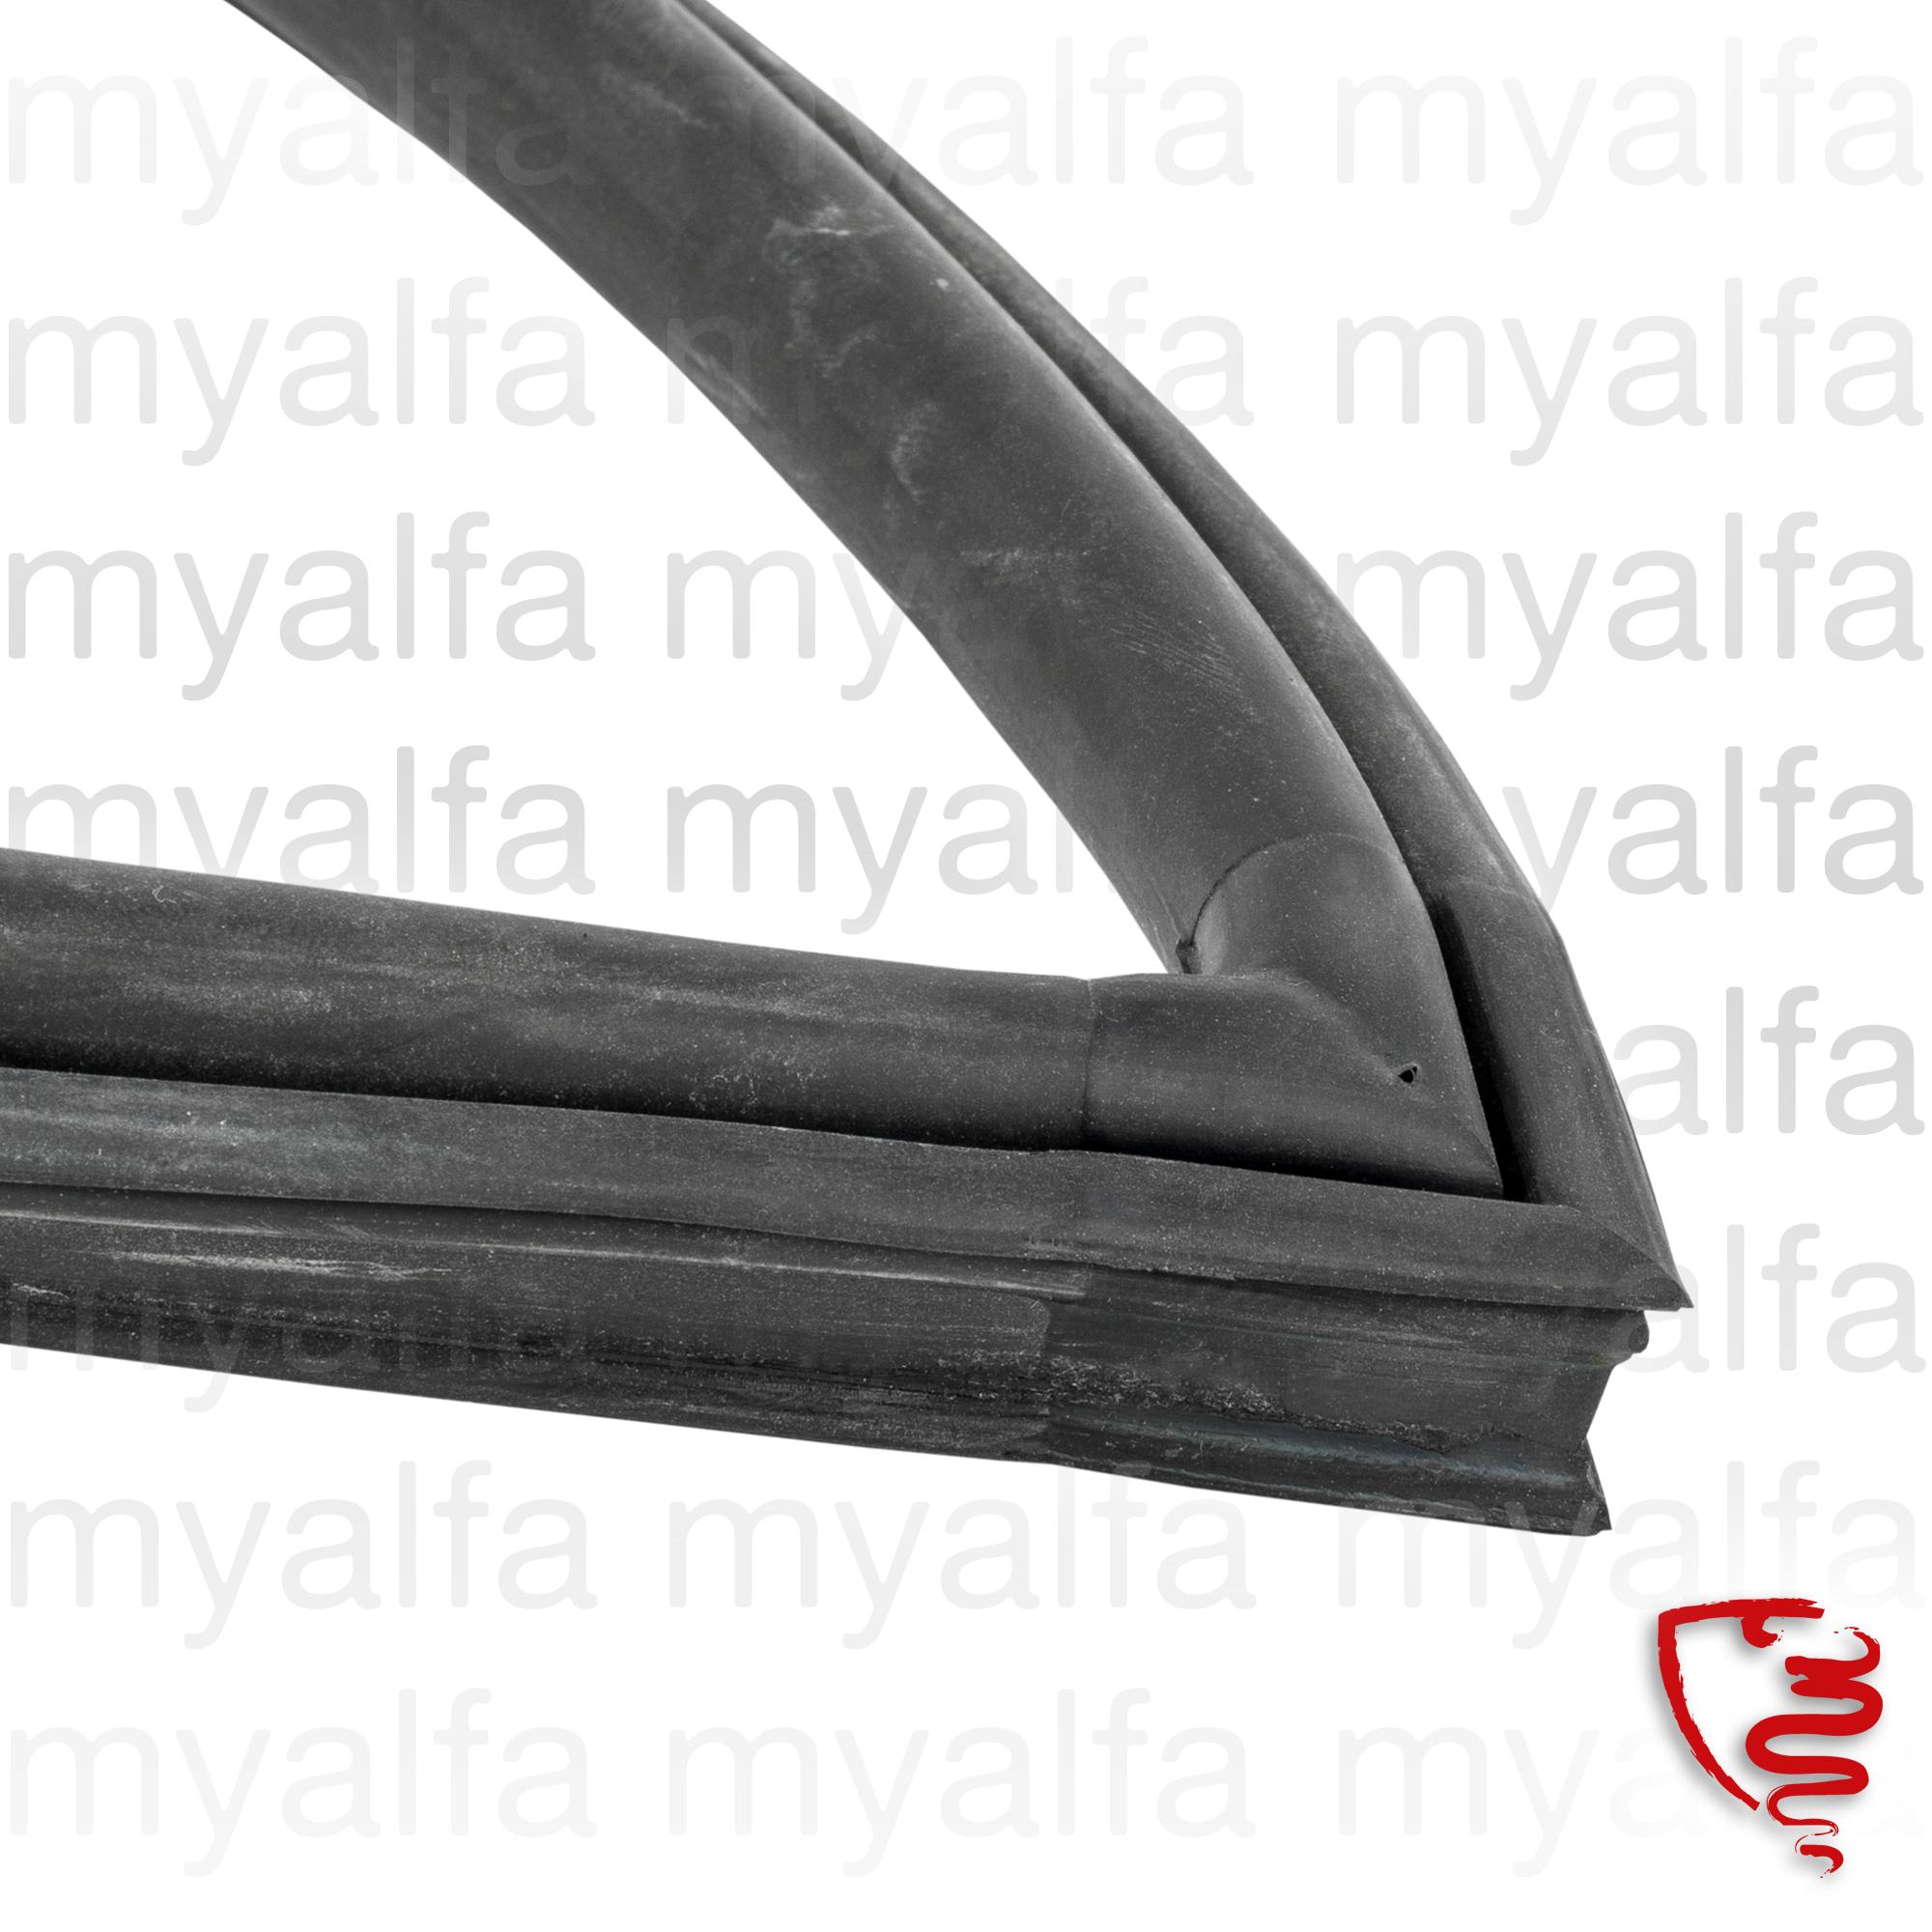 Rubber dta door. GT for 105/115, Coupe, Body parts, Rubber parts, Door seals